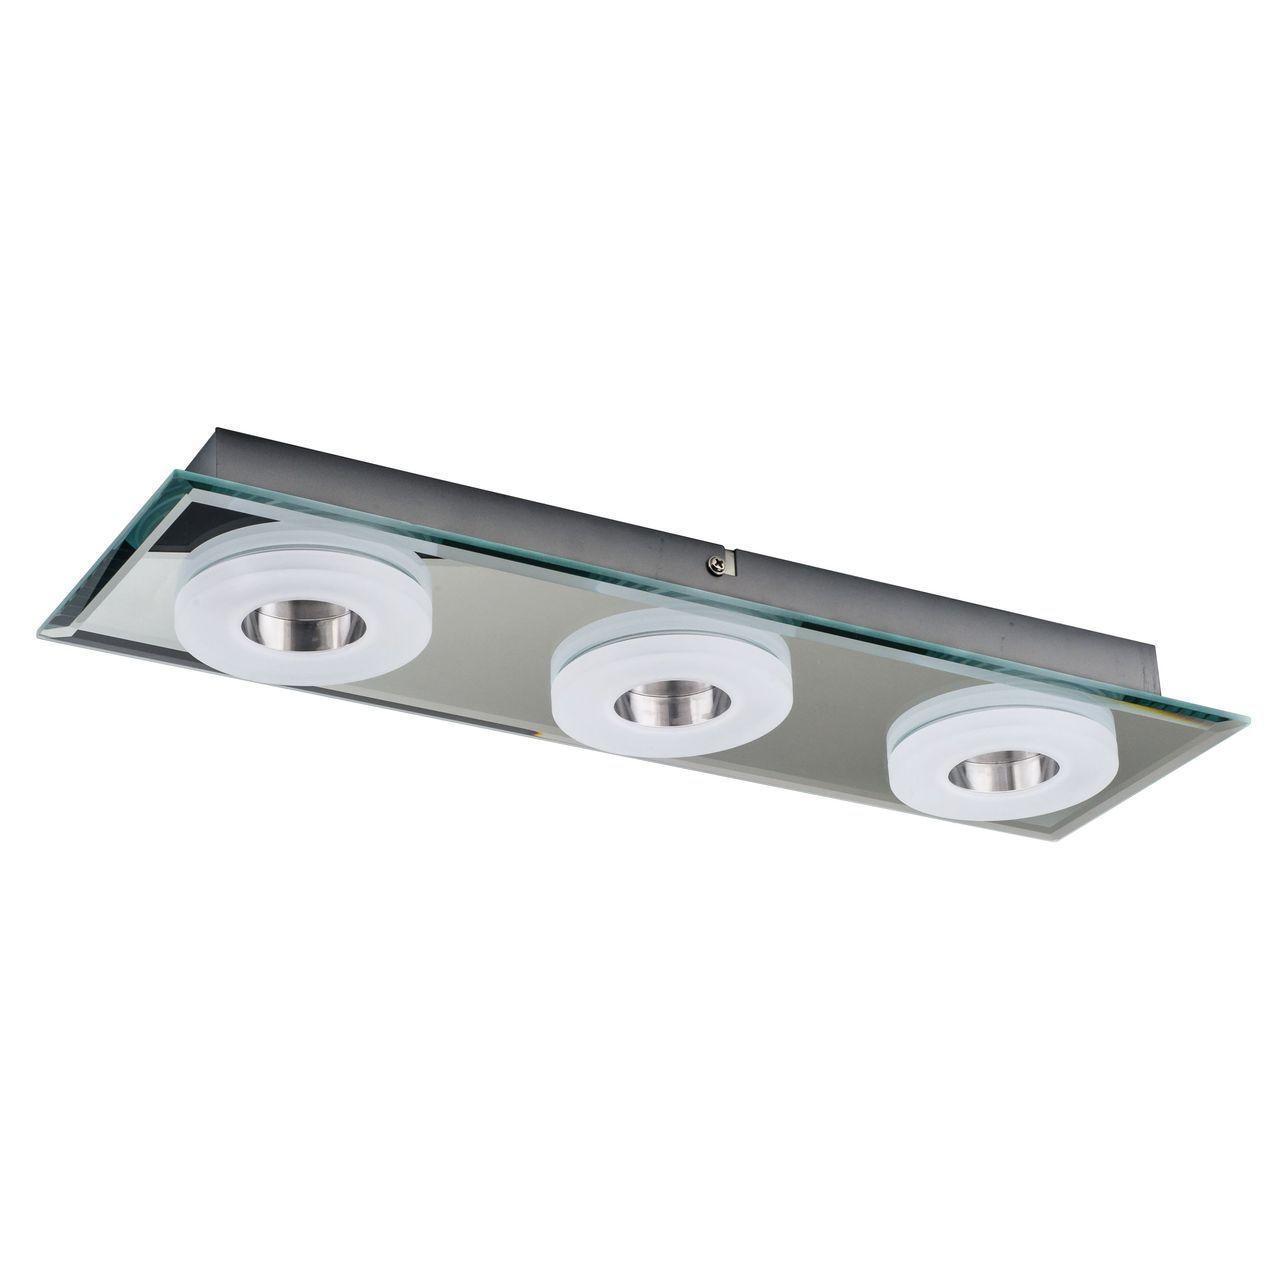 Фото - Потолочный светодиодный светильник Spot Light Vito 9030328 потолочный светодиодный светильник spot light 4723502